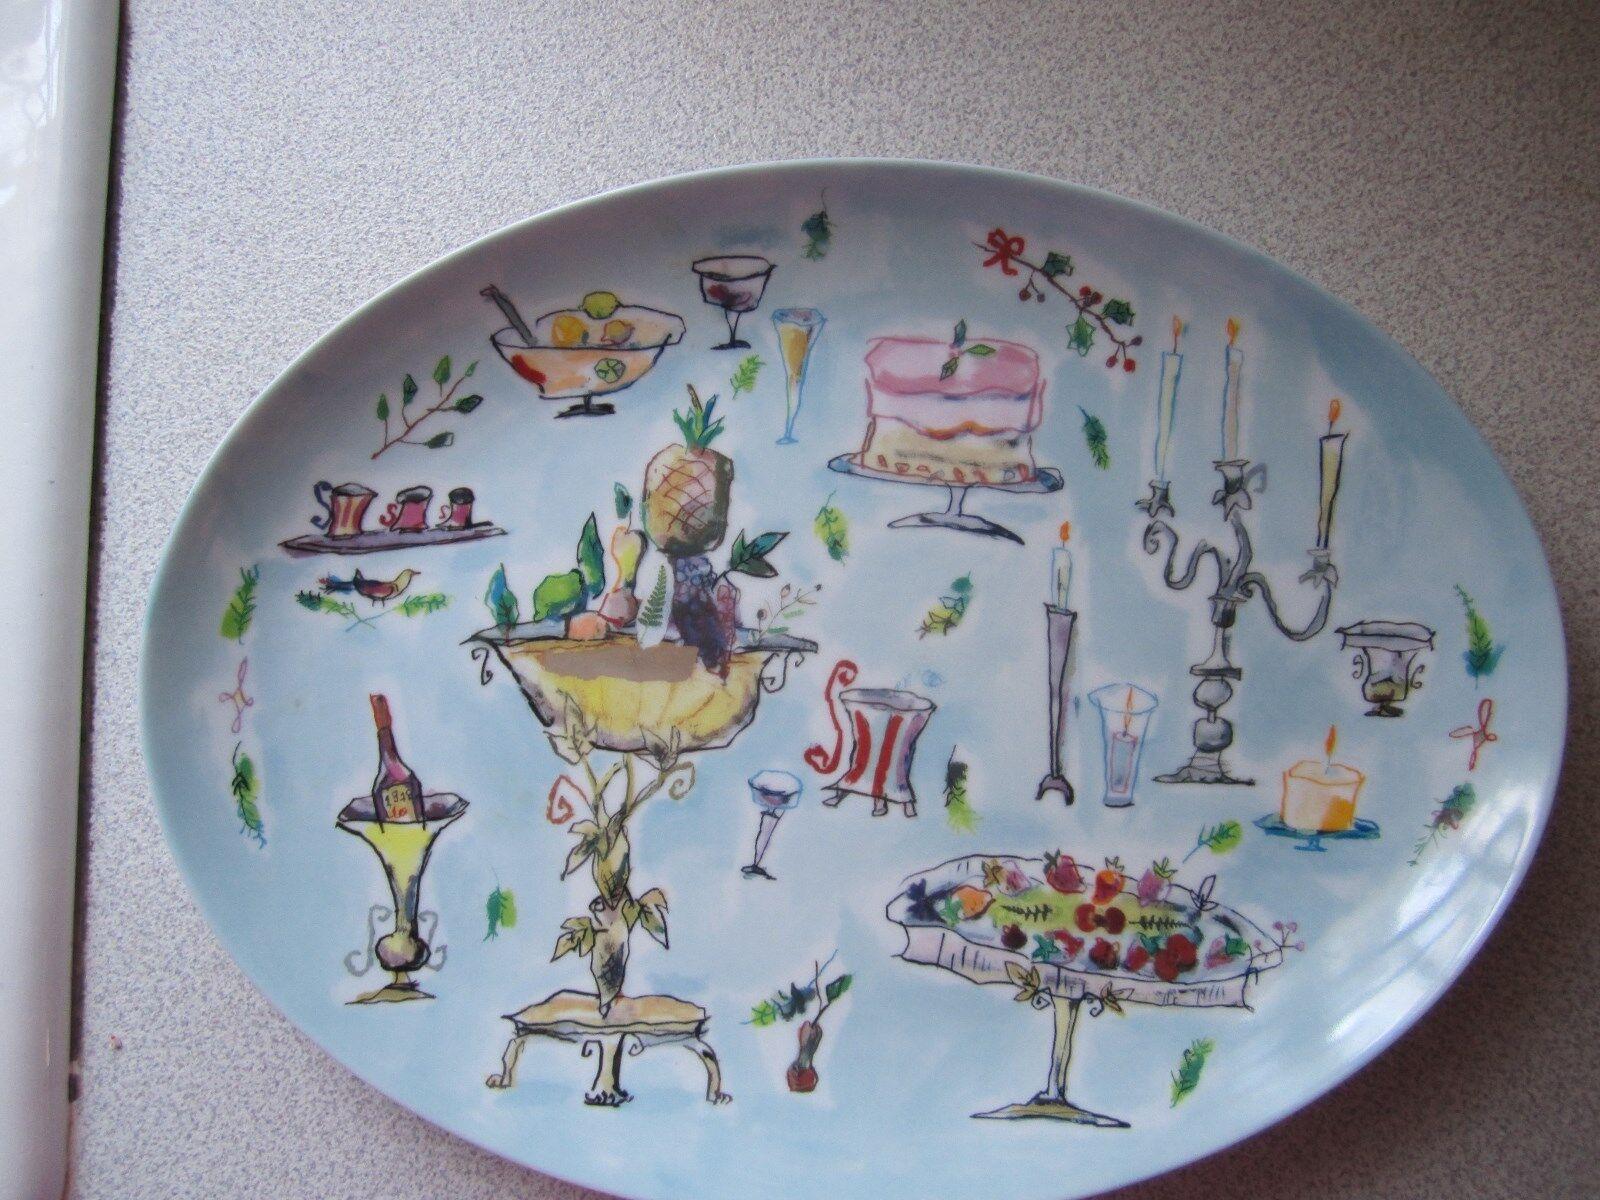 Oval 14  Crate&Barrel R.S.V.P. Platter Diane Bigda 1998 Japanese Porcelain Rare